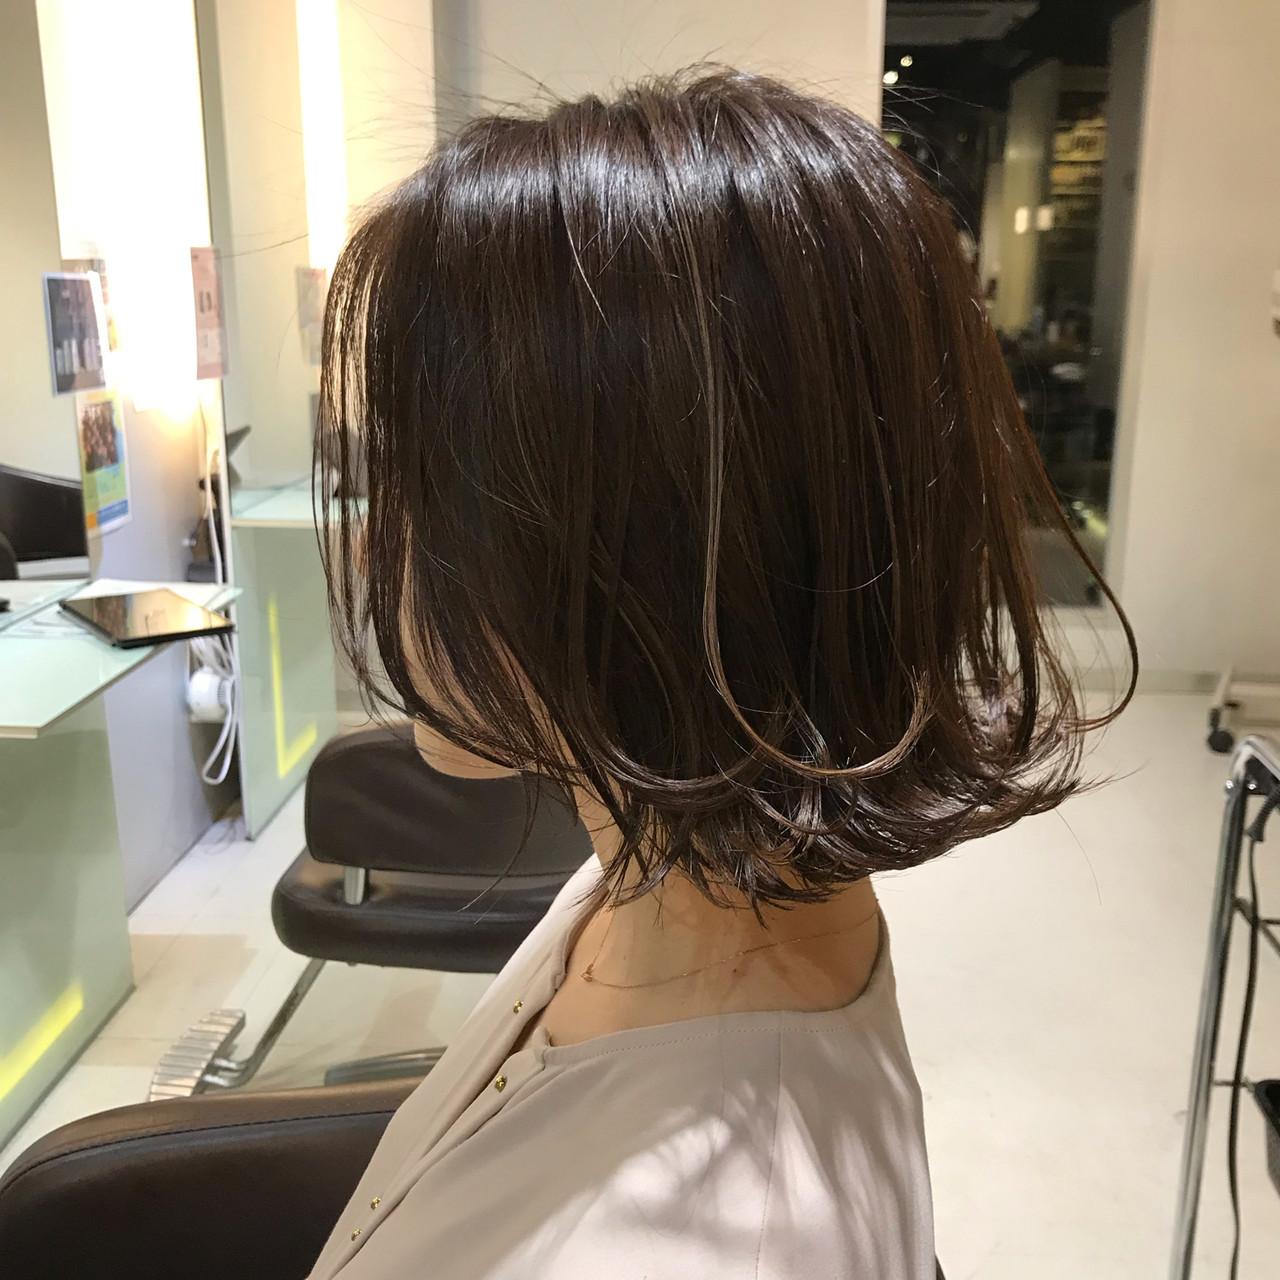 フェミニン ワンカール ワンカールスタイリング 外ハネボブ ヘアスタイルや髪型の写真・画像